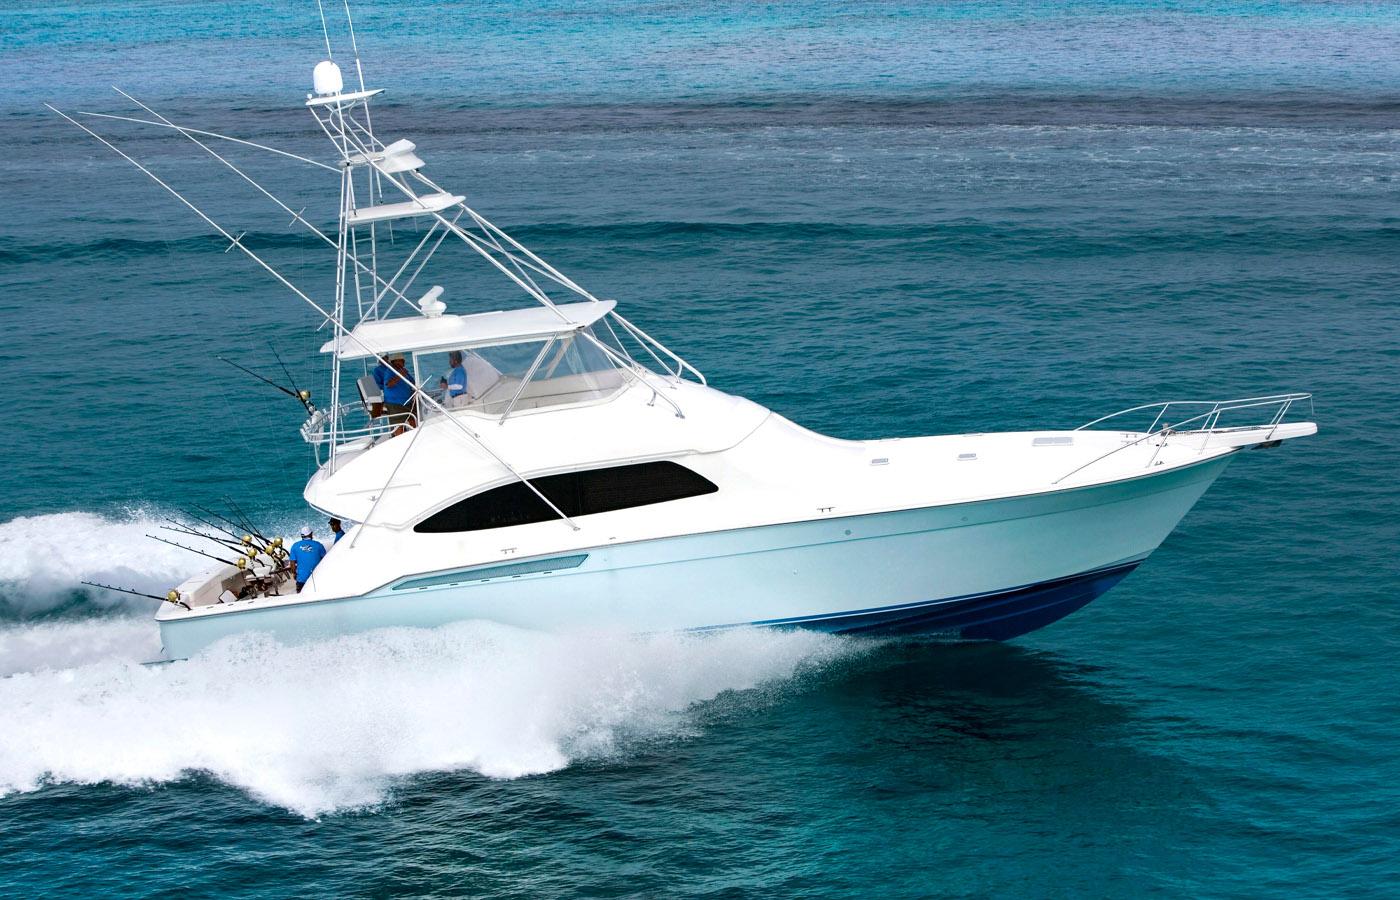 Bertram 630 SHARK BAIT Sold By Yacht Broker Will Noftsinger